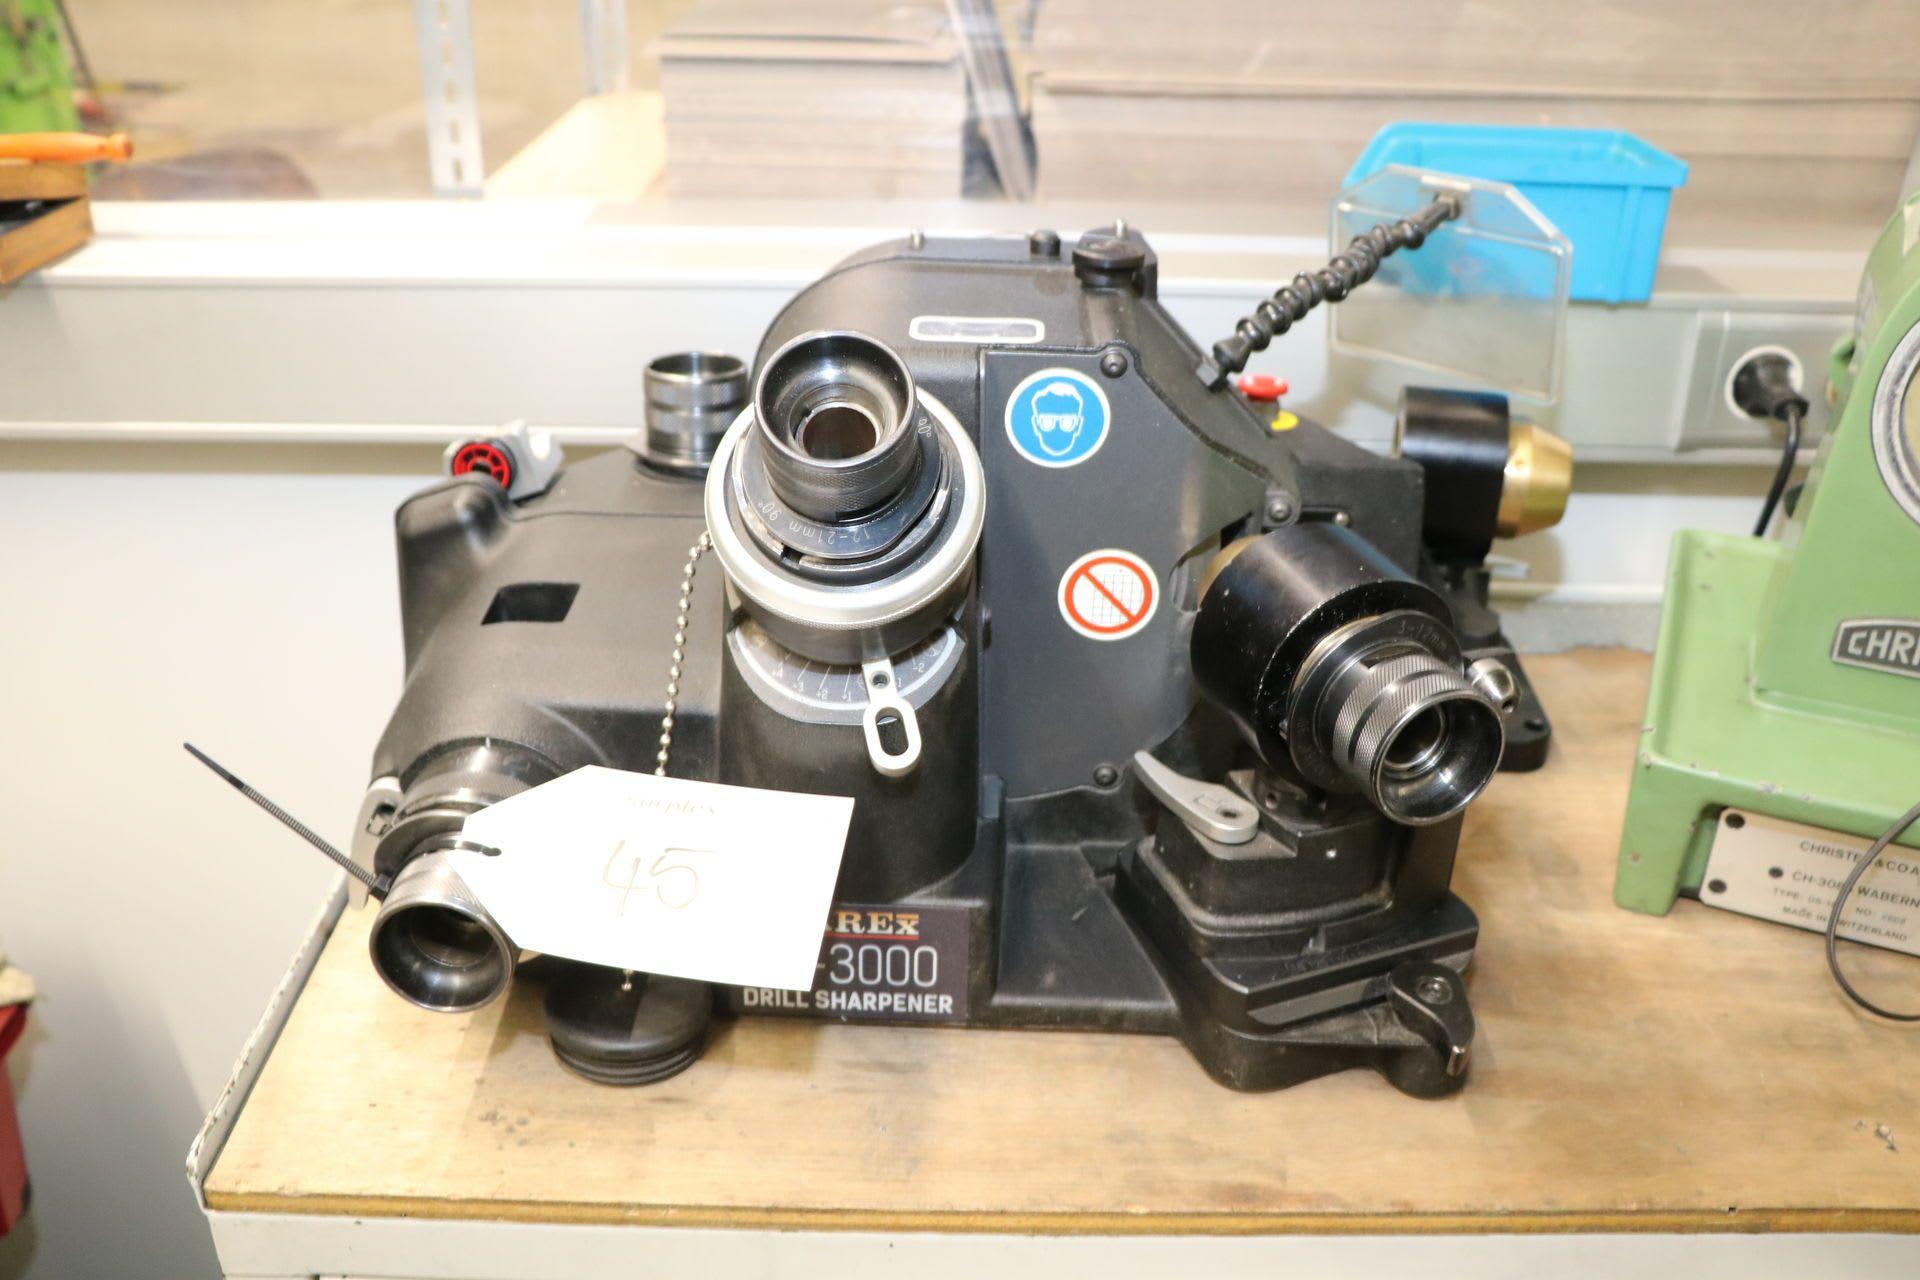 DAREX XT 3000 Spiralbohrer-Schleifmaschine